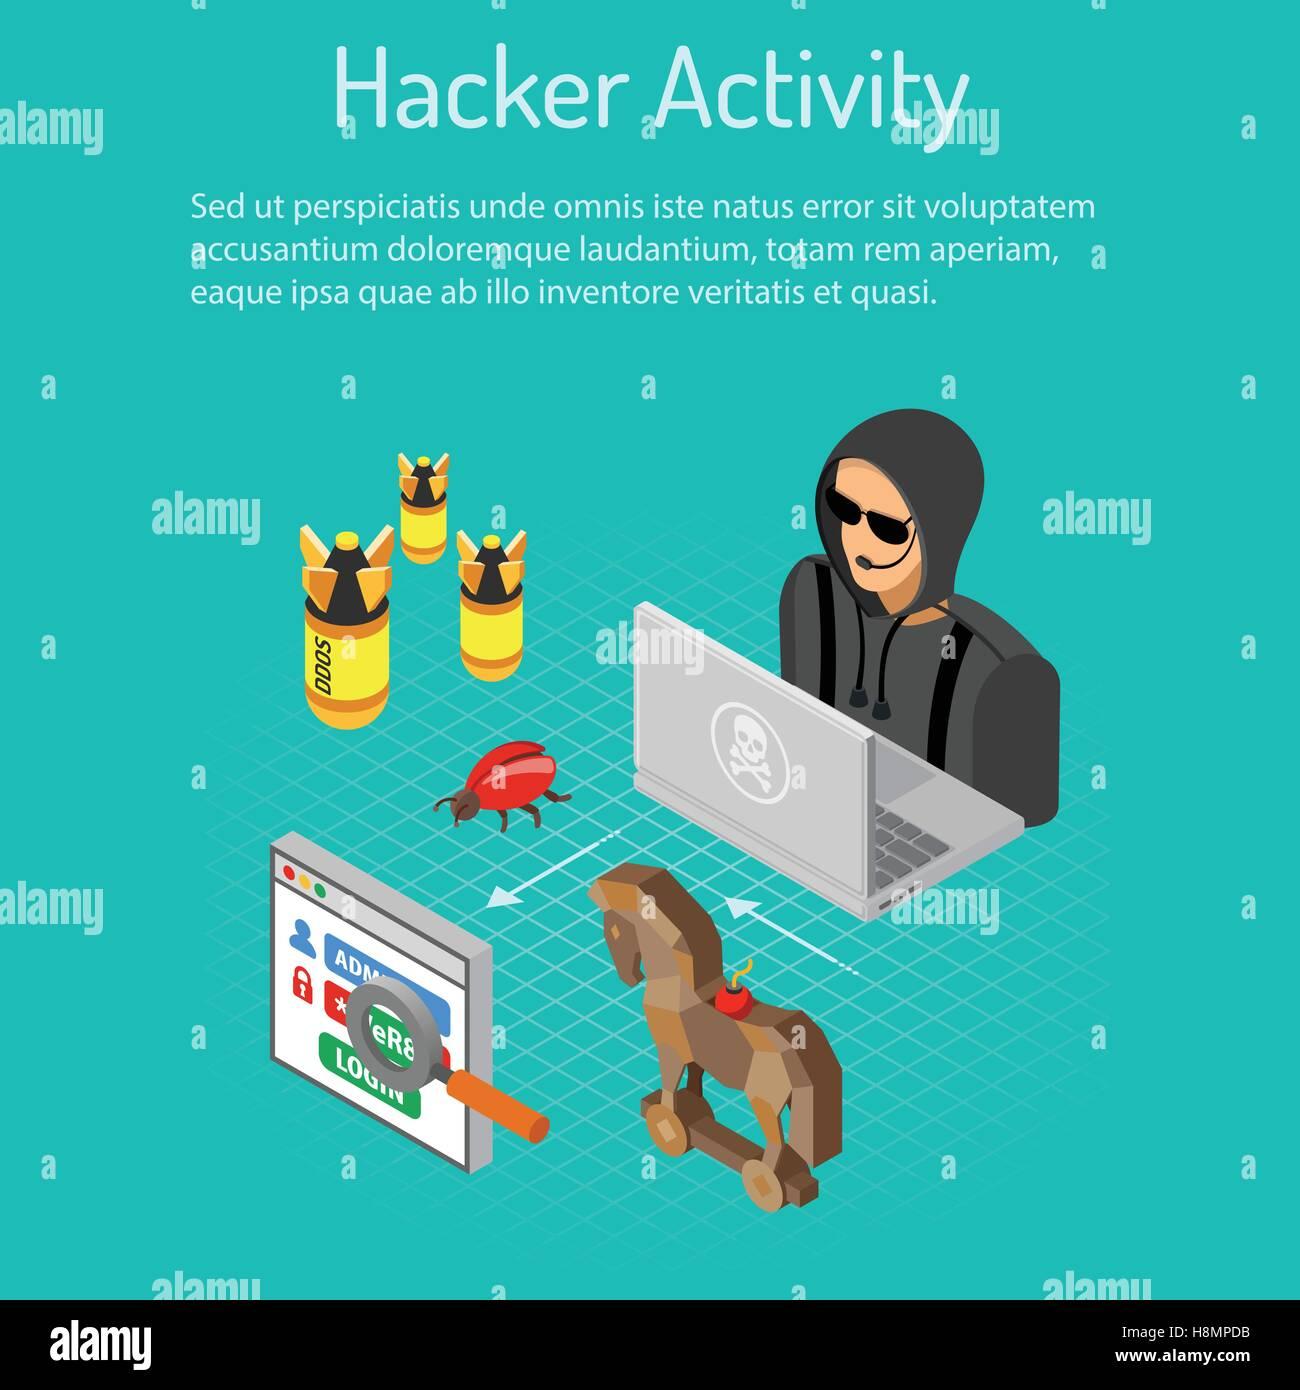 Hacker Nozione di attività Immagini Stock